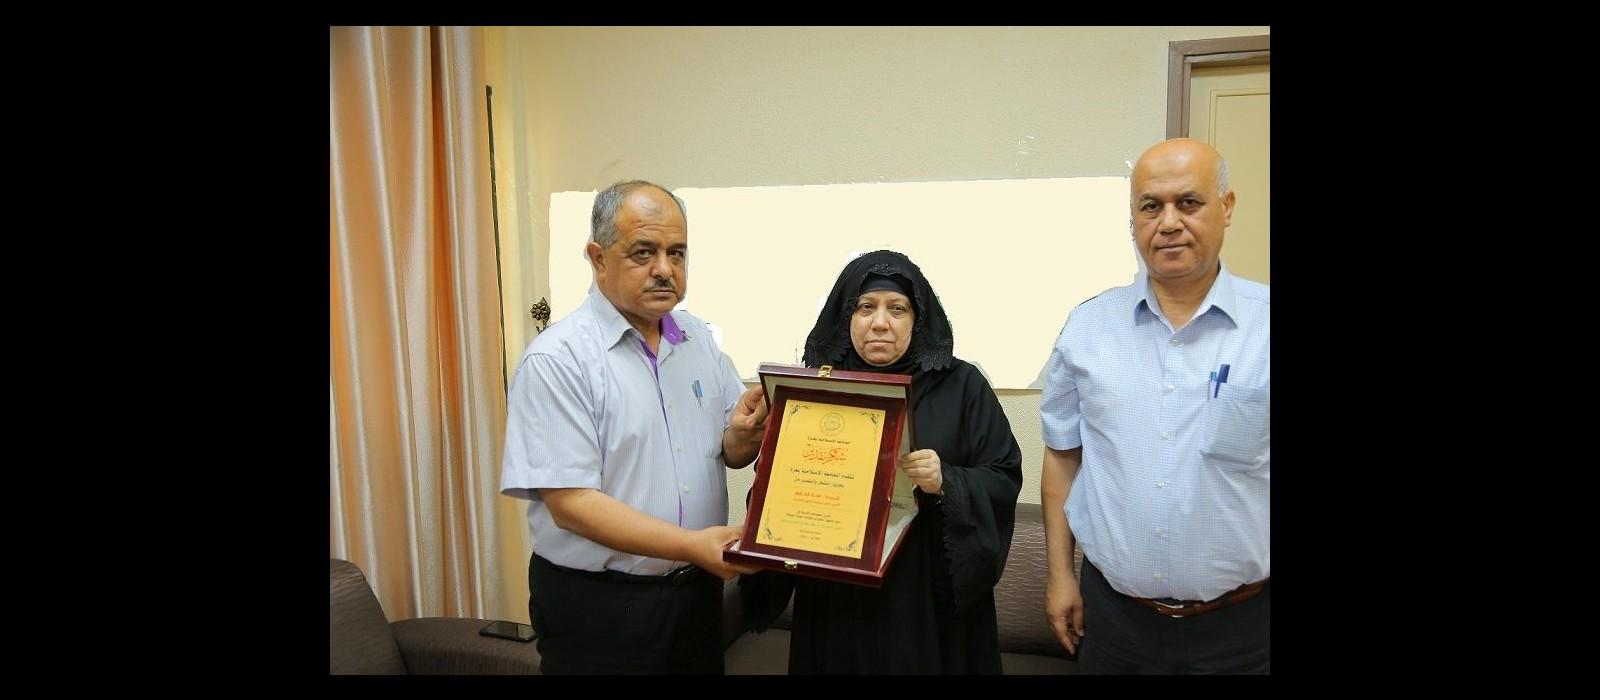 مراسم حفل تكريم المدير العام لجمعية مؤسسة الخليج التعليمية في الجامعة الاسلامية بغزة